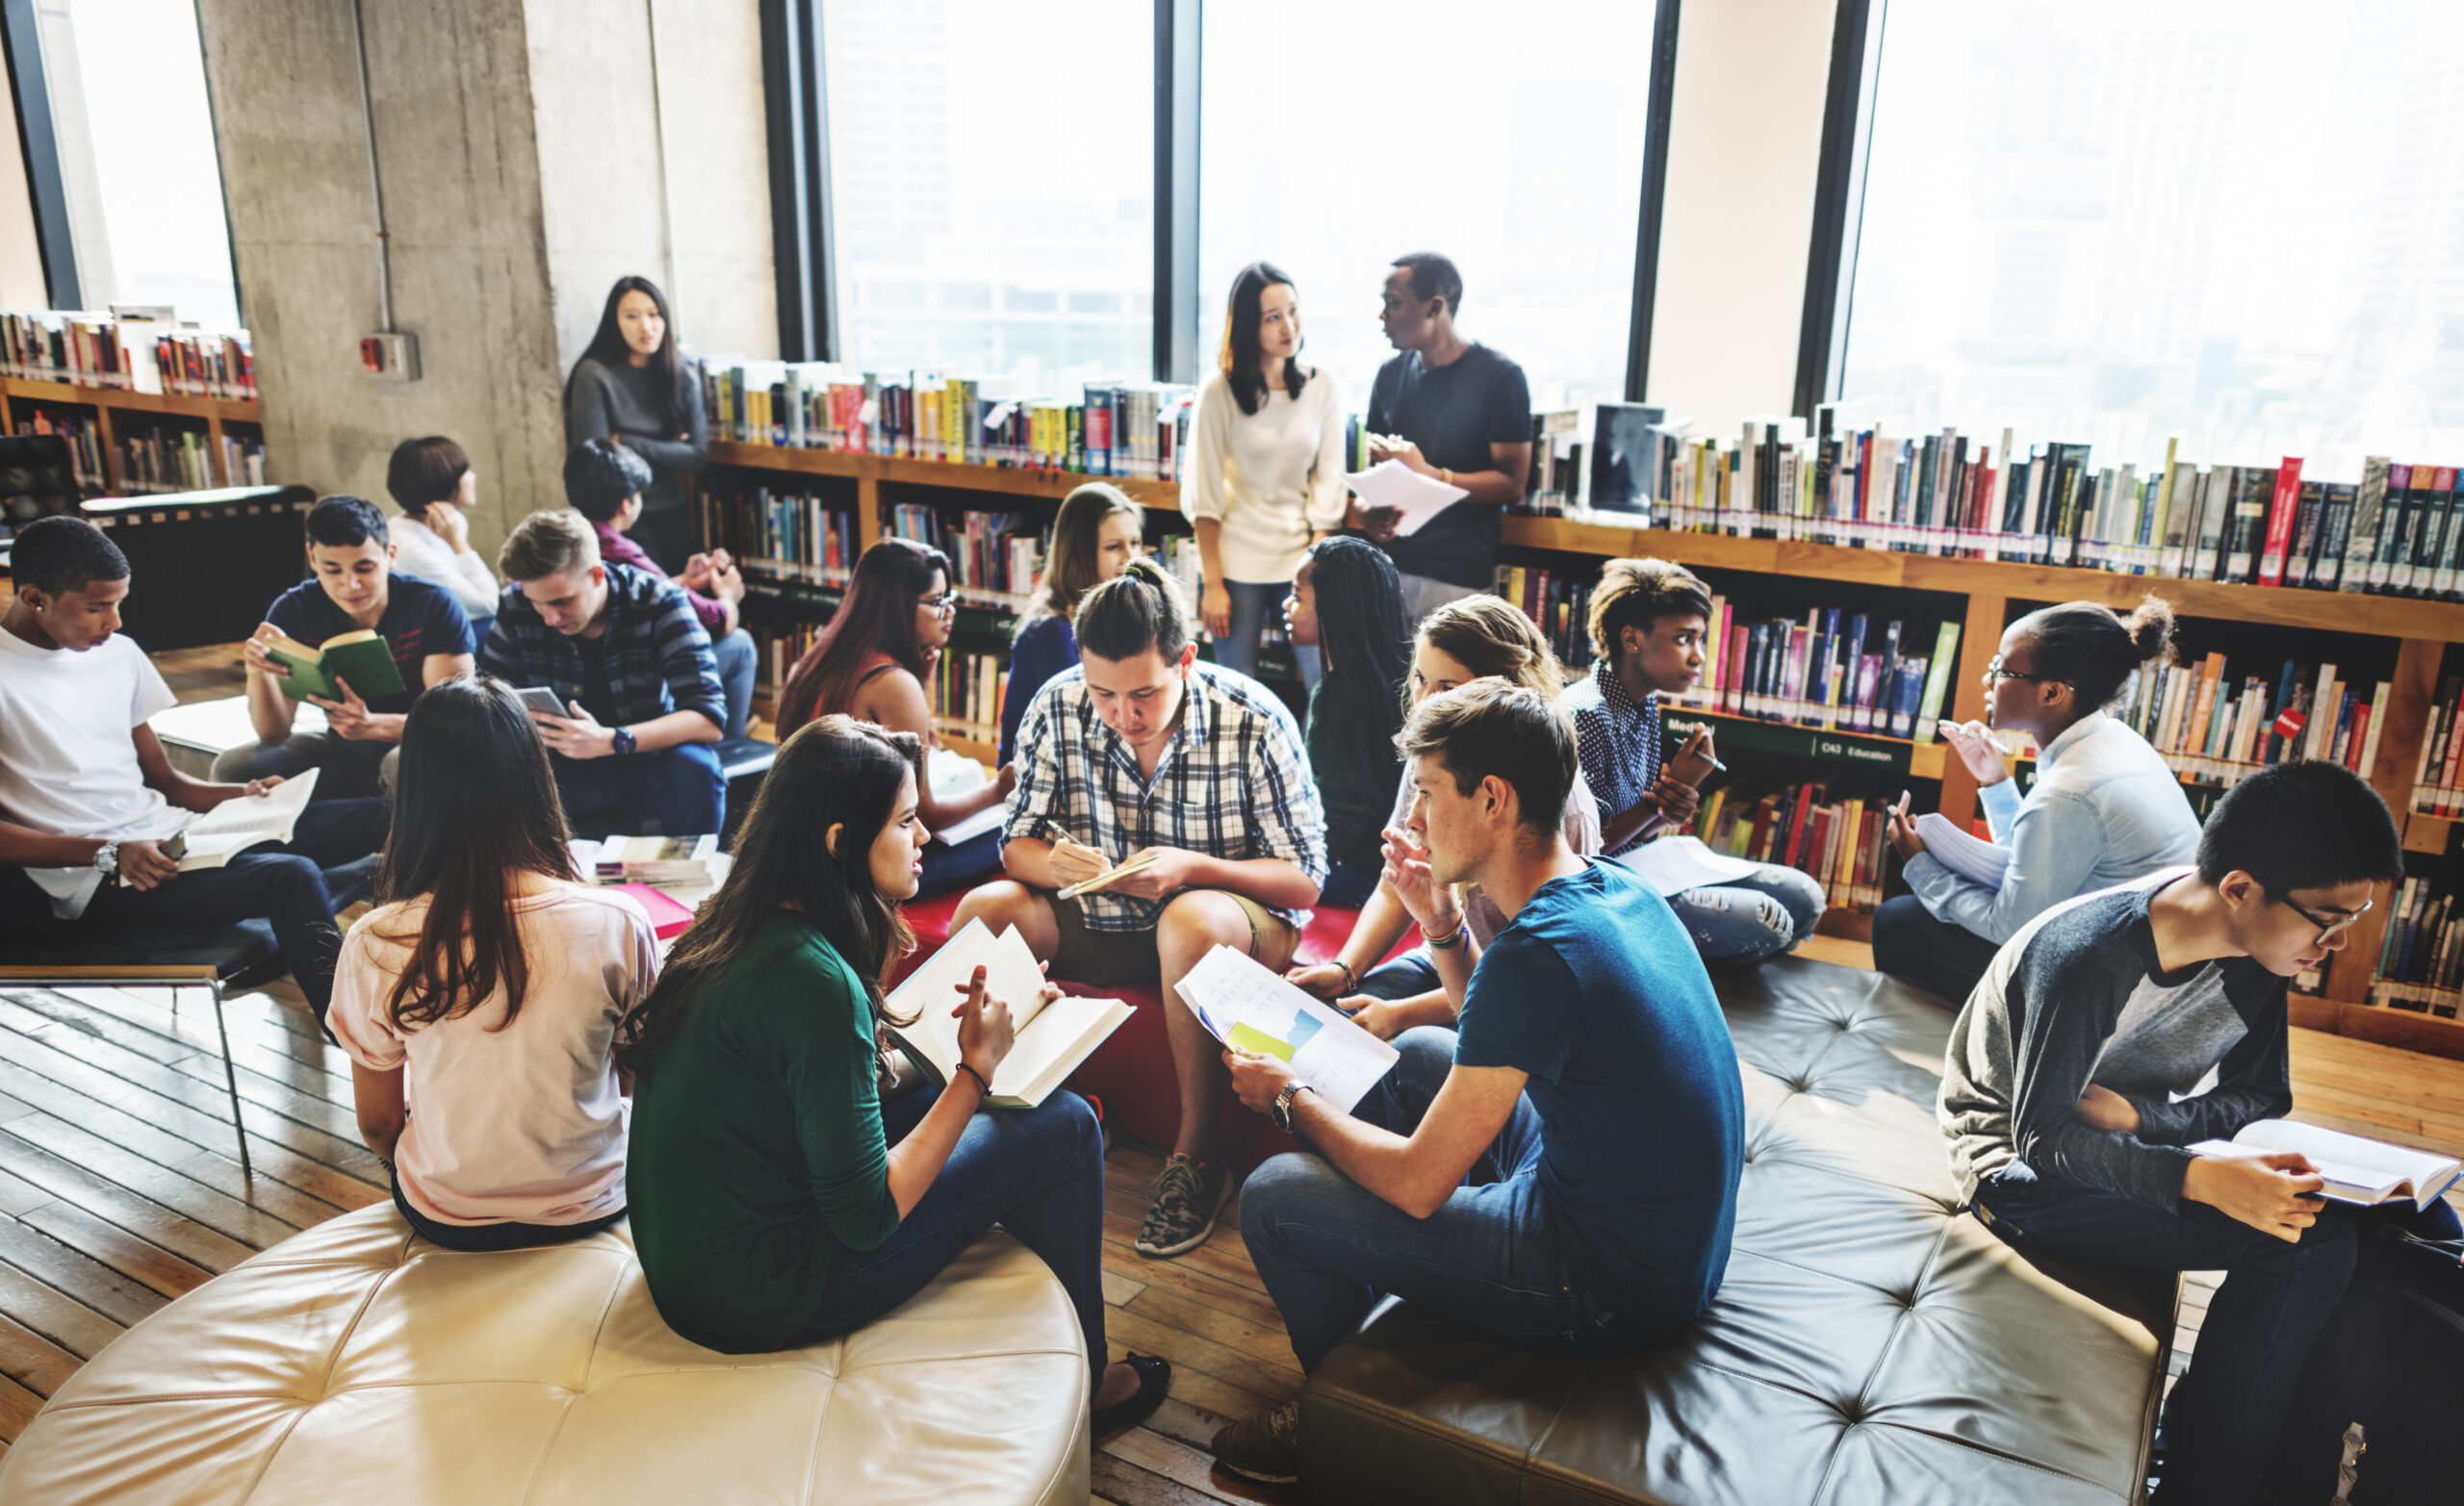 Prager University: la buena educación conservadora